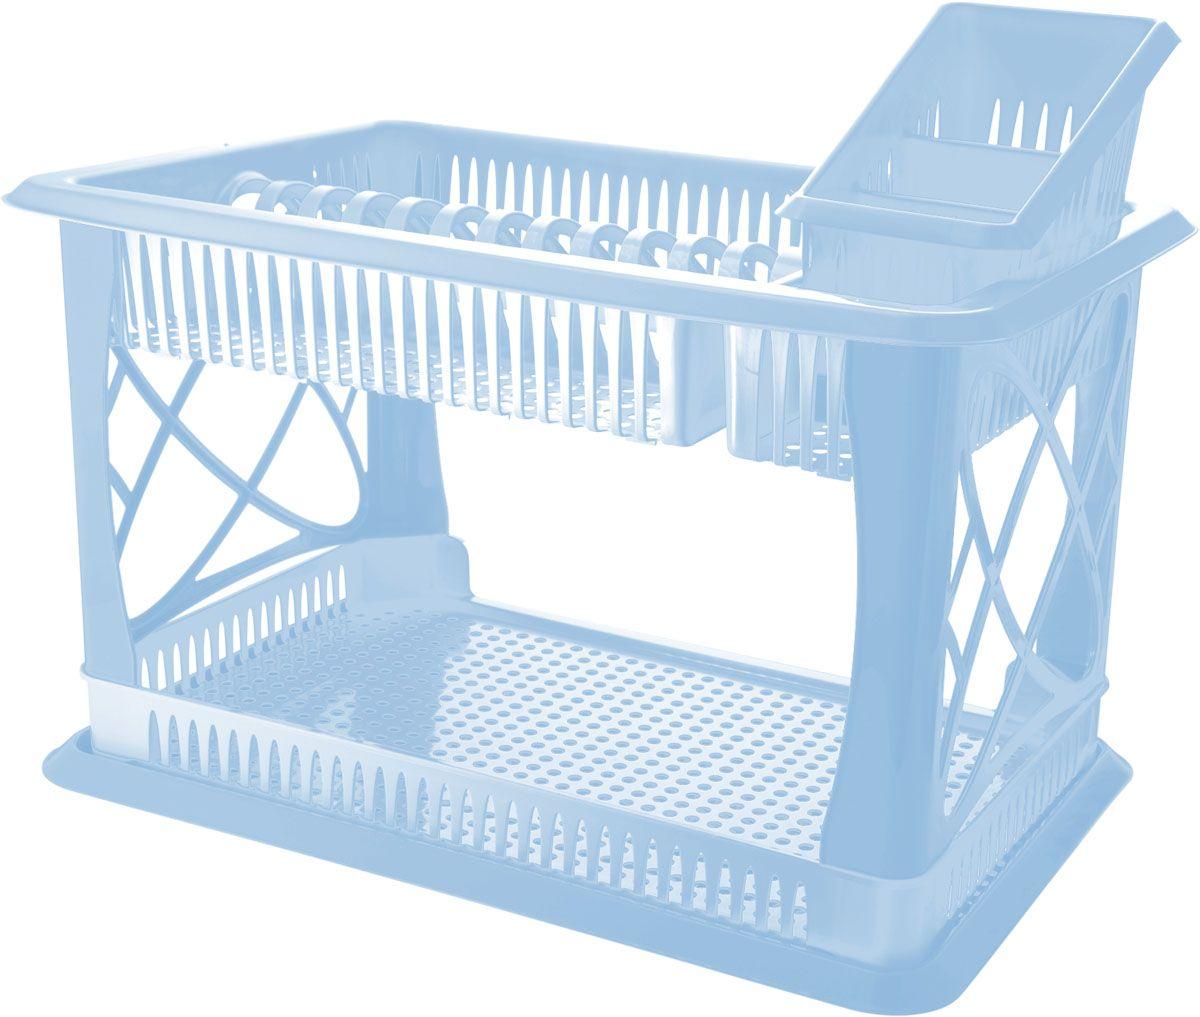 """Сушилка для посуды Plastic Centre """"Лилия"""", 2-х ярусная, с сушилкой для столовых приборов, цвет: голубой, 49 х 17,5 х 32,5 см"""